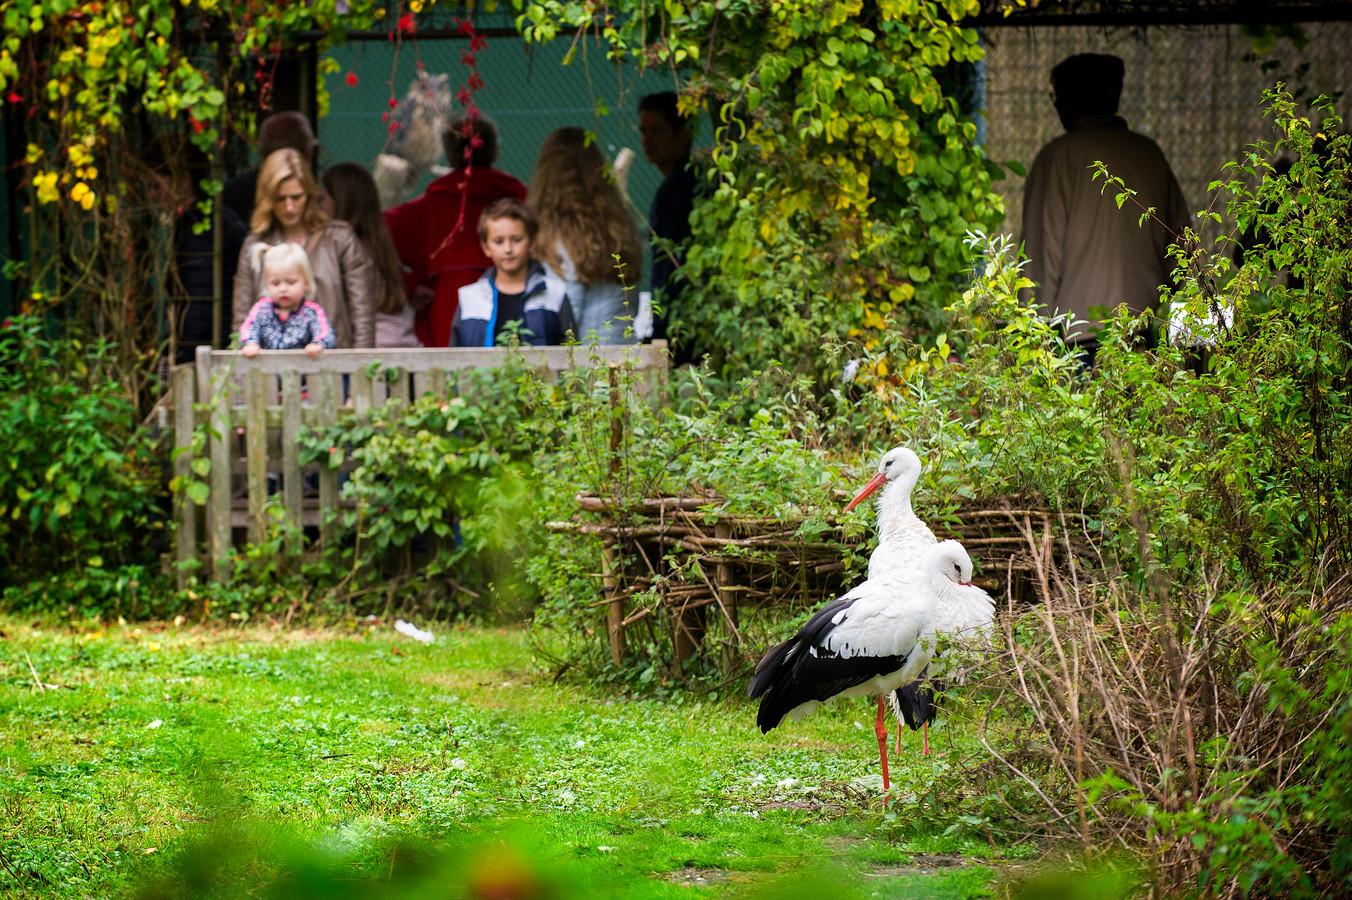 Bij het Vogelrevalidatiecentrum Zundert wordt regelmatig een open dag gehouden. Vaak leidt dat tot een aantal broodnodige nieuwe donateurs